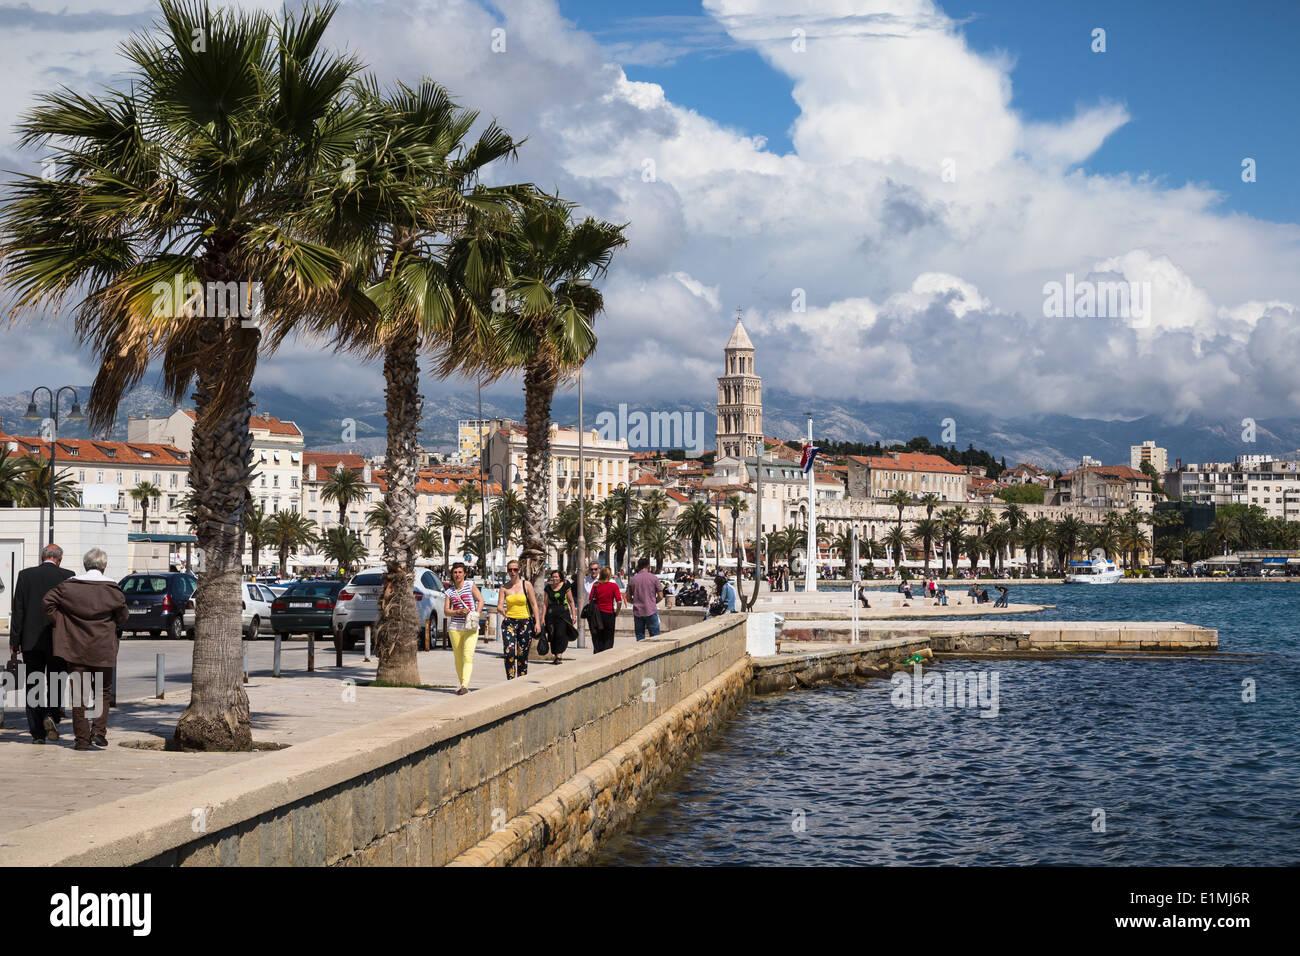 Blick auf Riva von Split in Kroatien vom Meer am Matejuska zeigt den Turm der Kathedrale von St. Domnius im Hintergrund Stockfoto